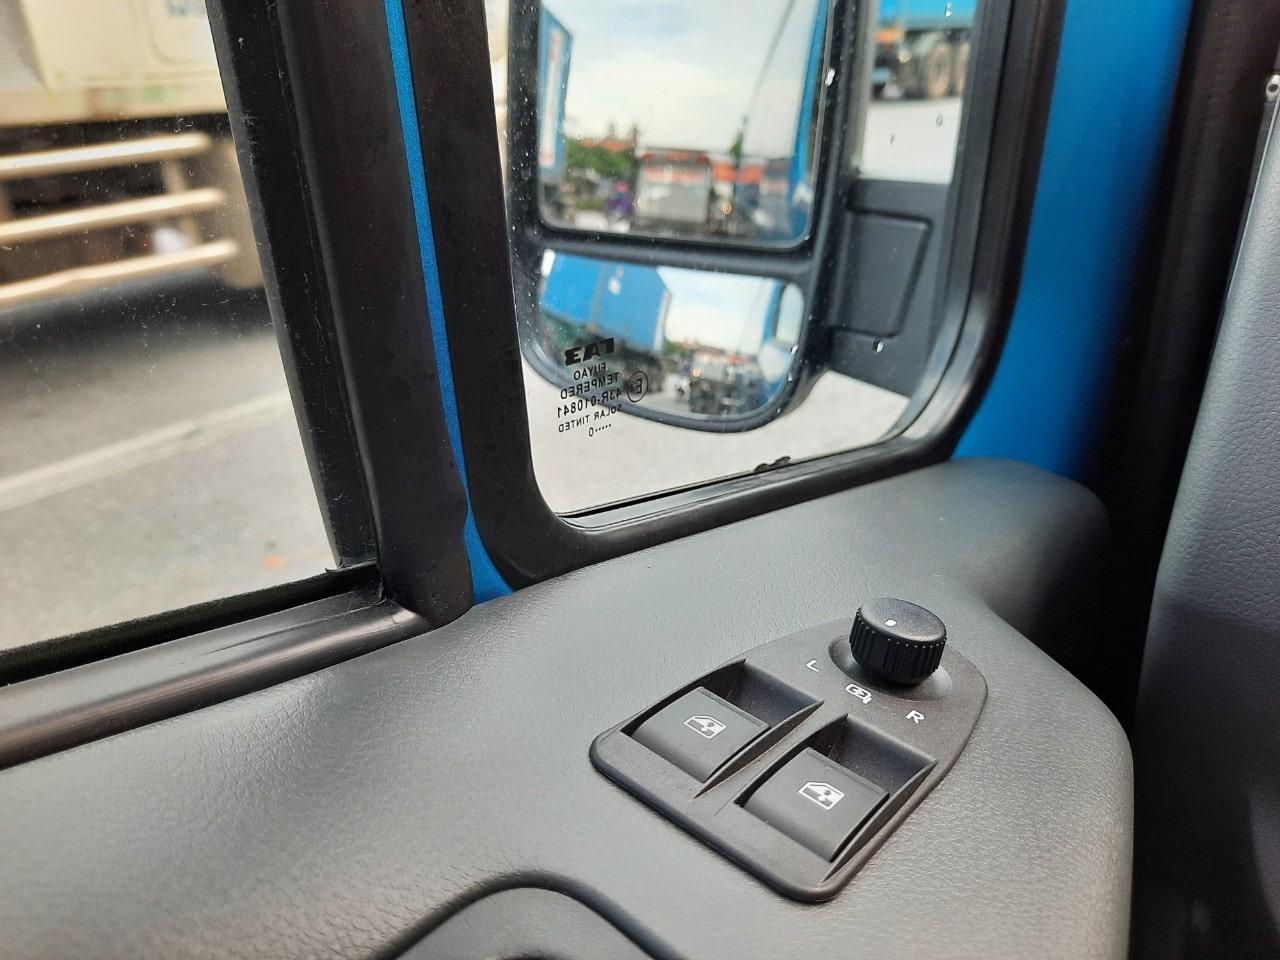 Xe tải Van Gaz 3 chỗ tải trọng 670Kg nhập khẩu tại Hải Phòng - Ảnh 4